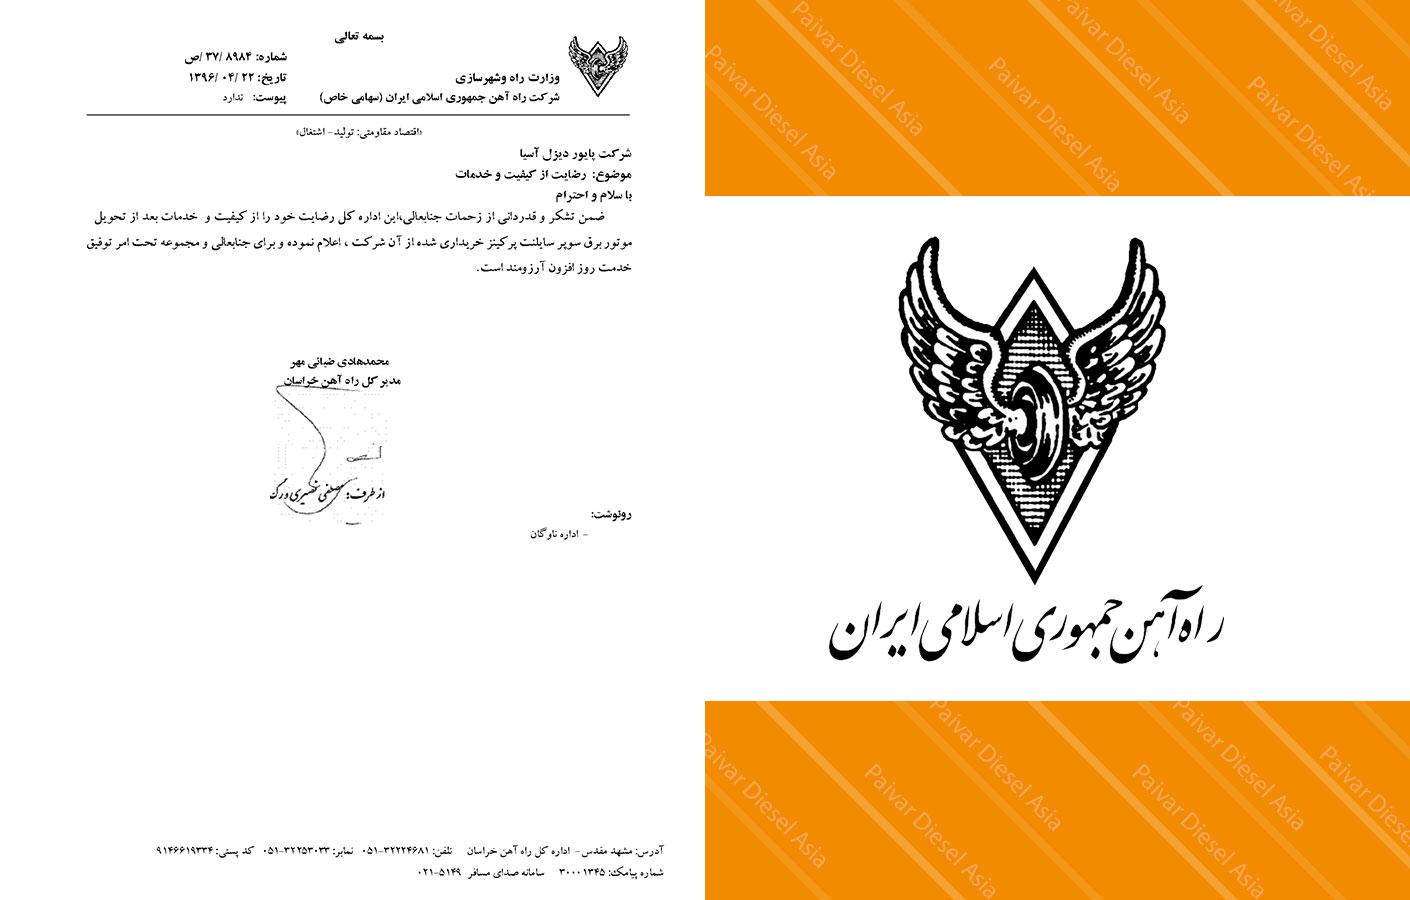 رضایت نامه راه آن ایران